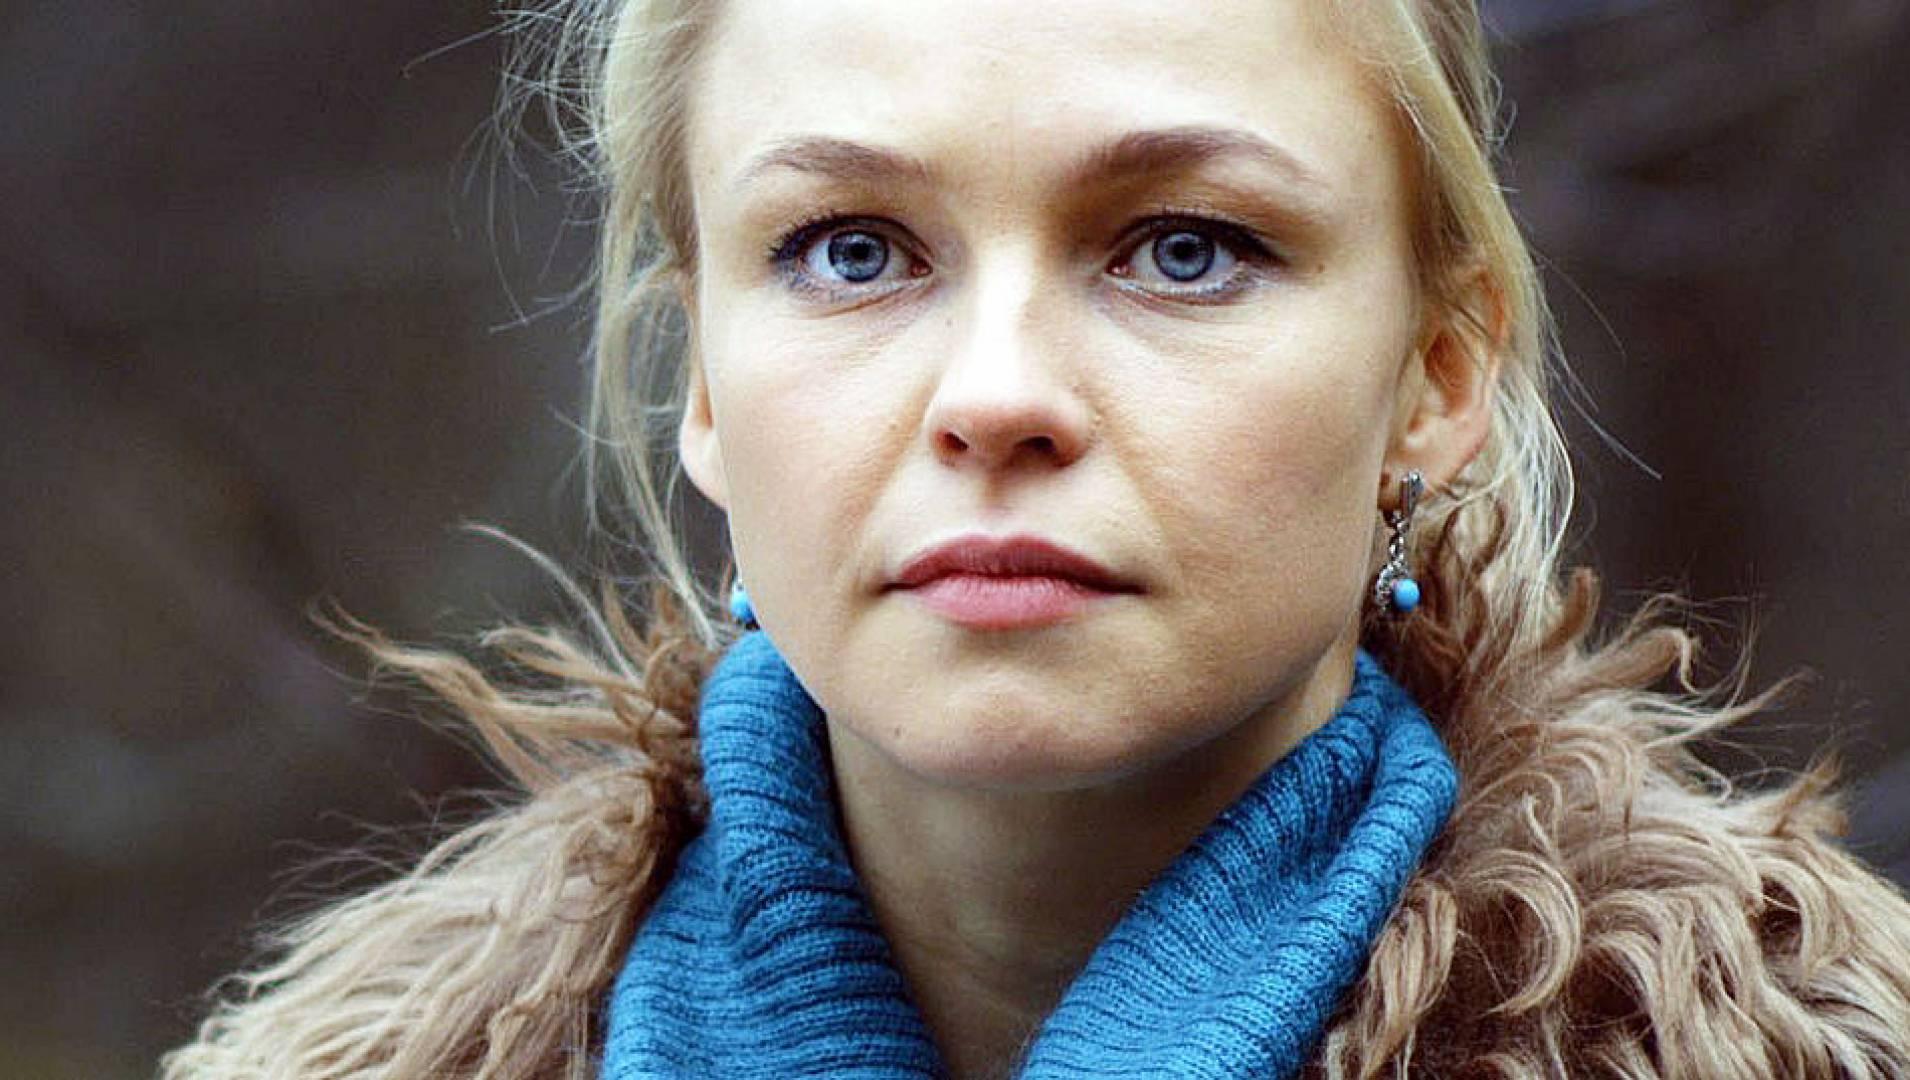 оформление максимально актрисы российского кино фото шилова вообще заметили